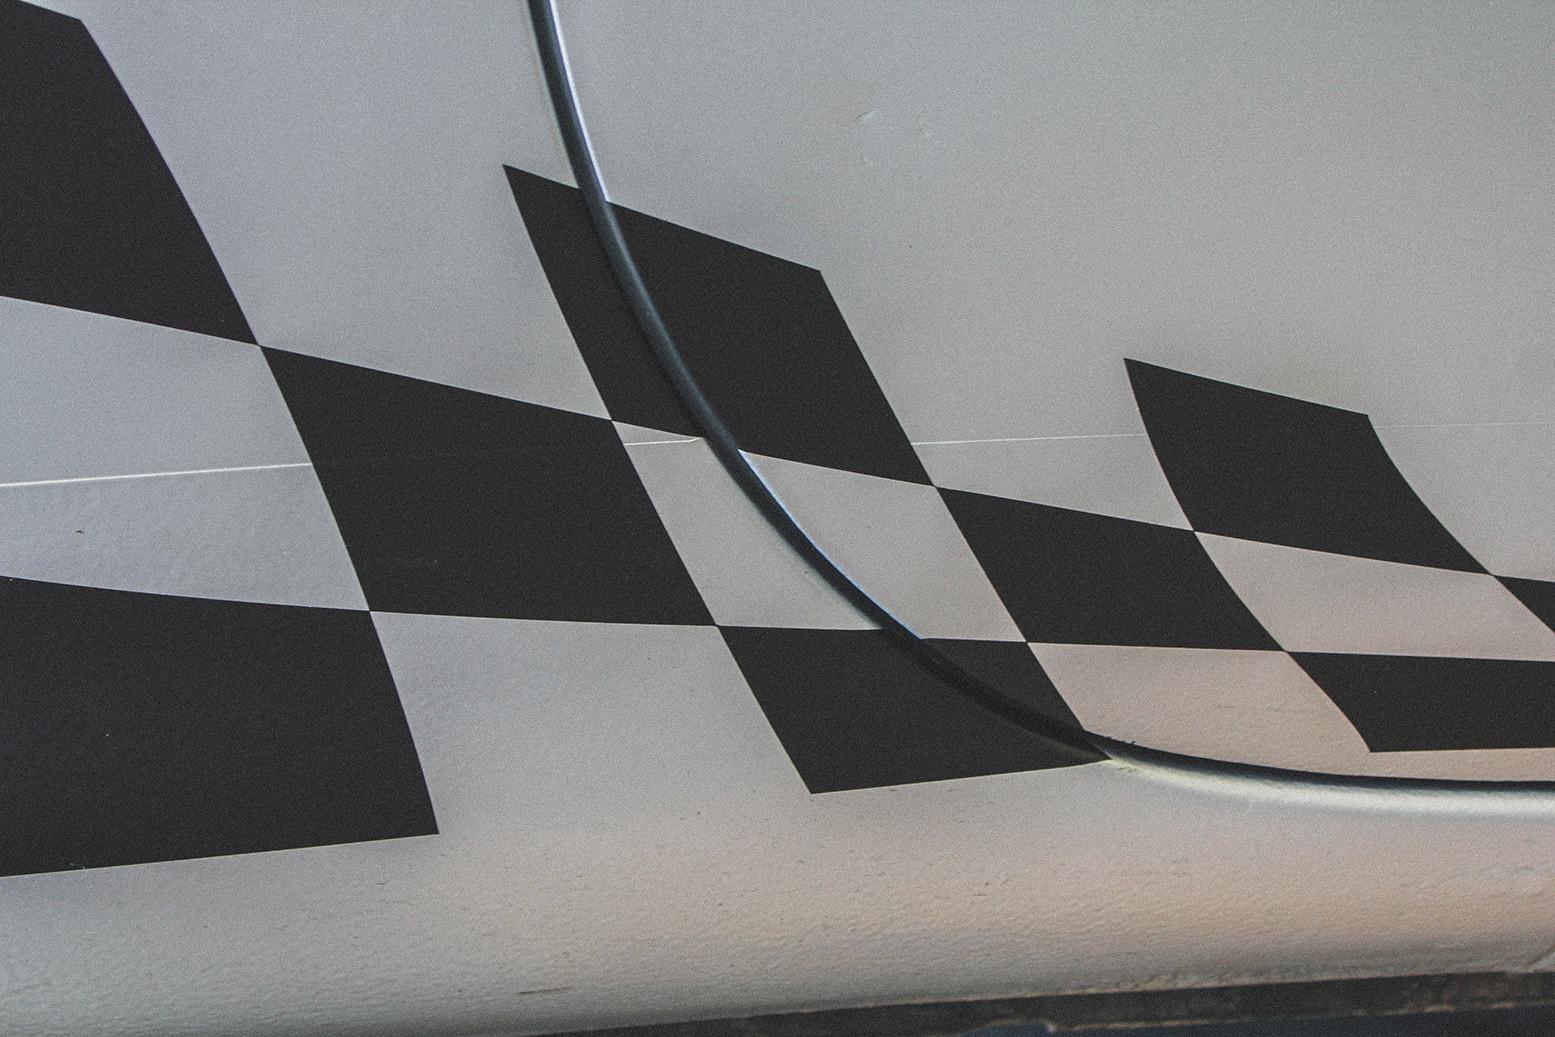 3dgraphix-our-work-racer-stripe-checkered-flag.jpg